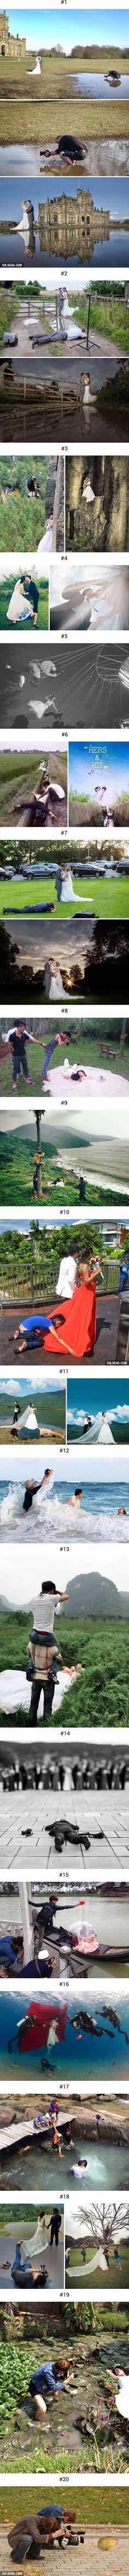 20 Photos That Prove Wedding Photographers Are Crazy  http://9gag.com/gag/amz9ny4?ref=mobile